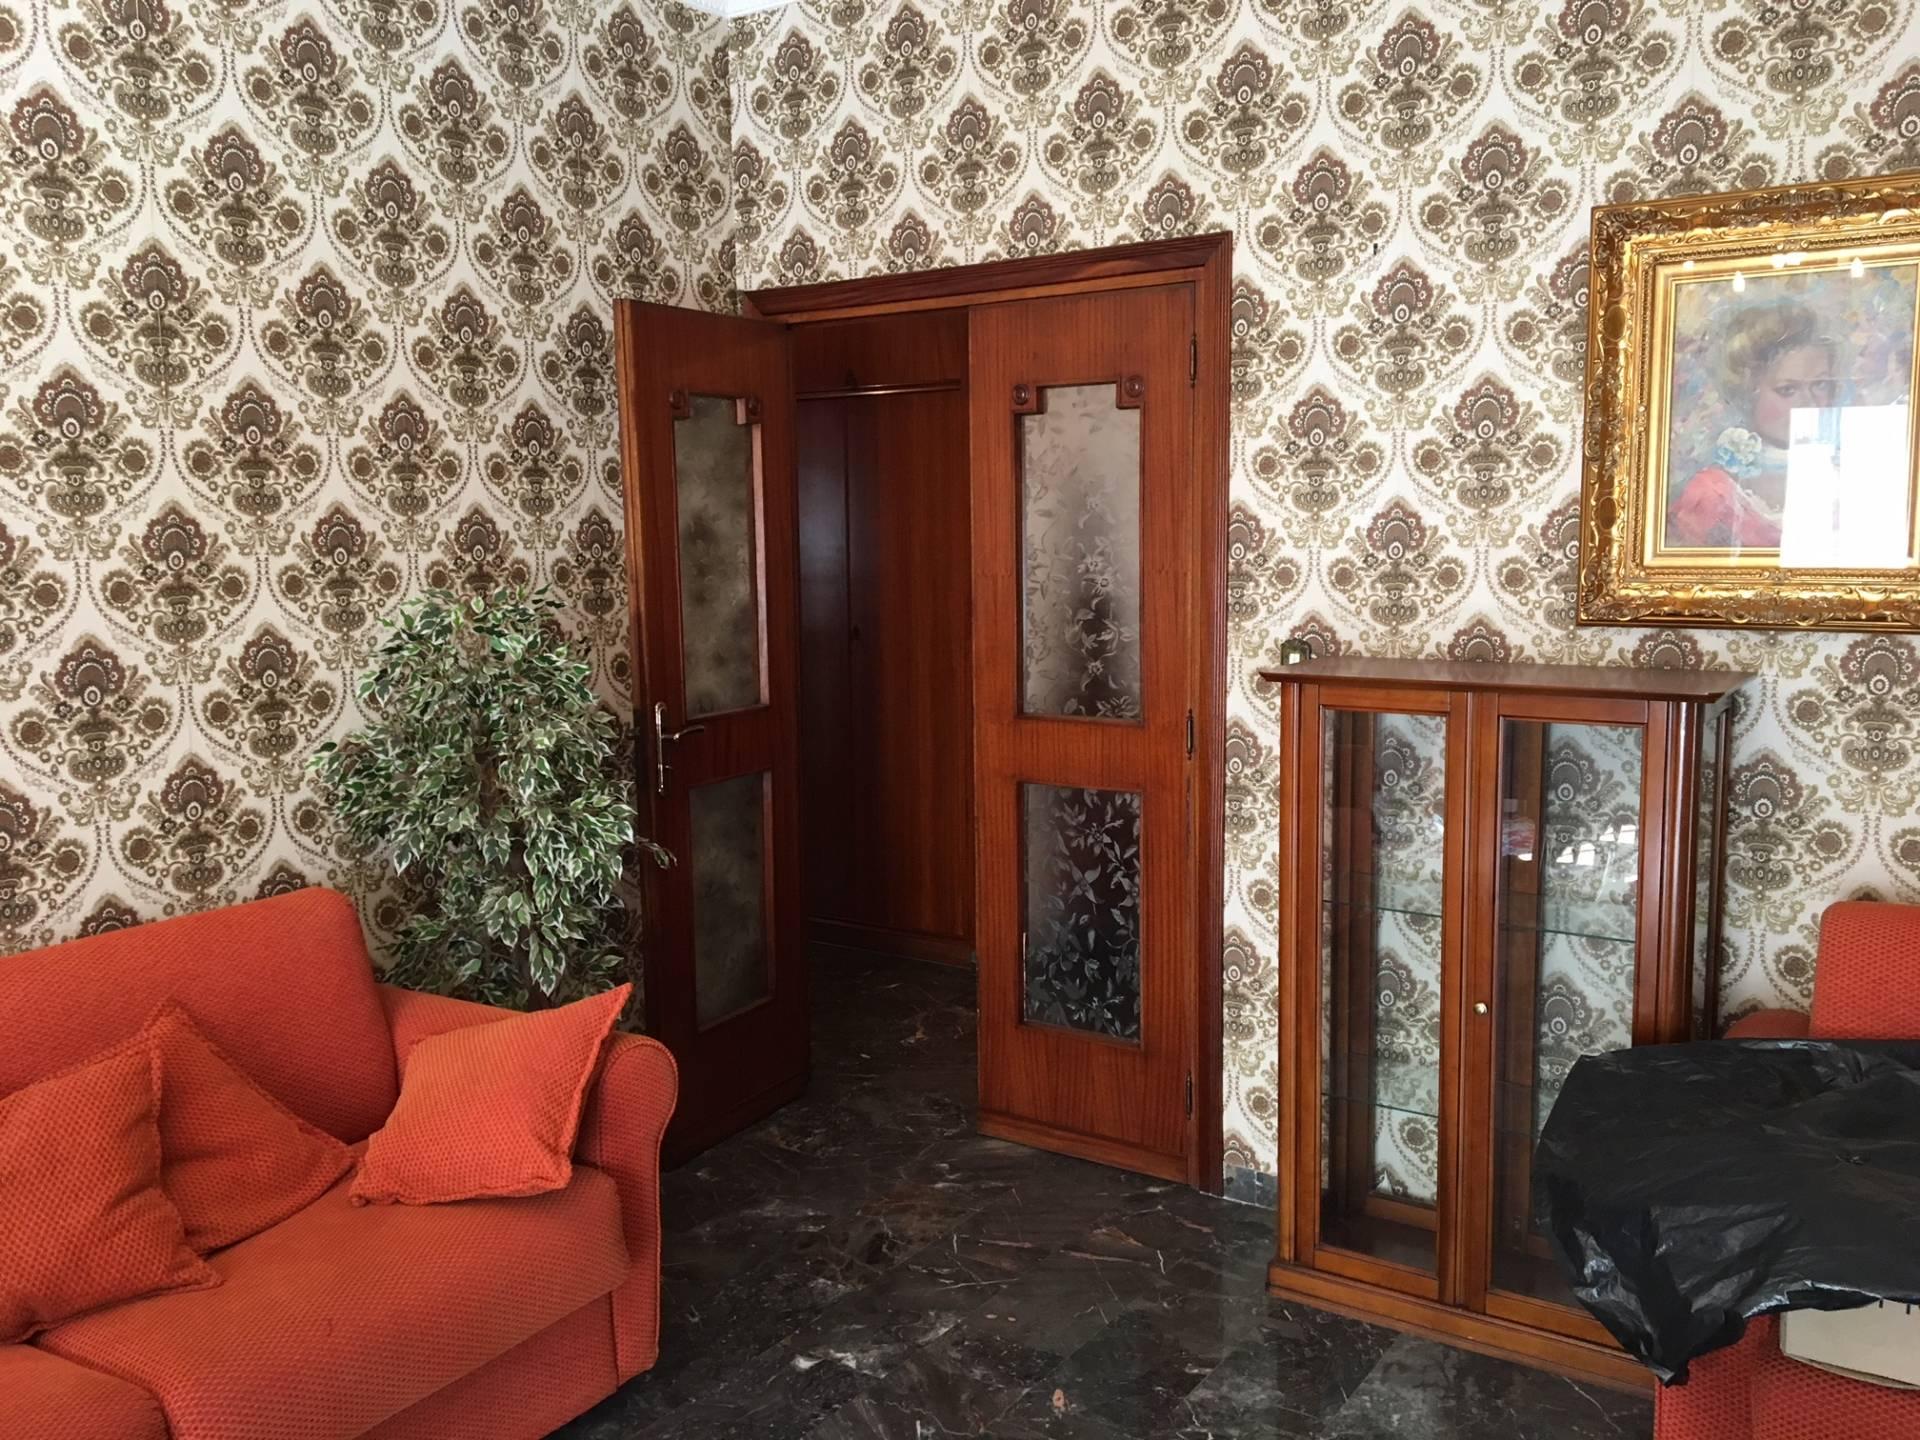 Appartamento in vendita a Catanzaro, 4 locali, zona Località: Catanzarocentro, prezzo € 200.000 | CambioCasa.it